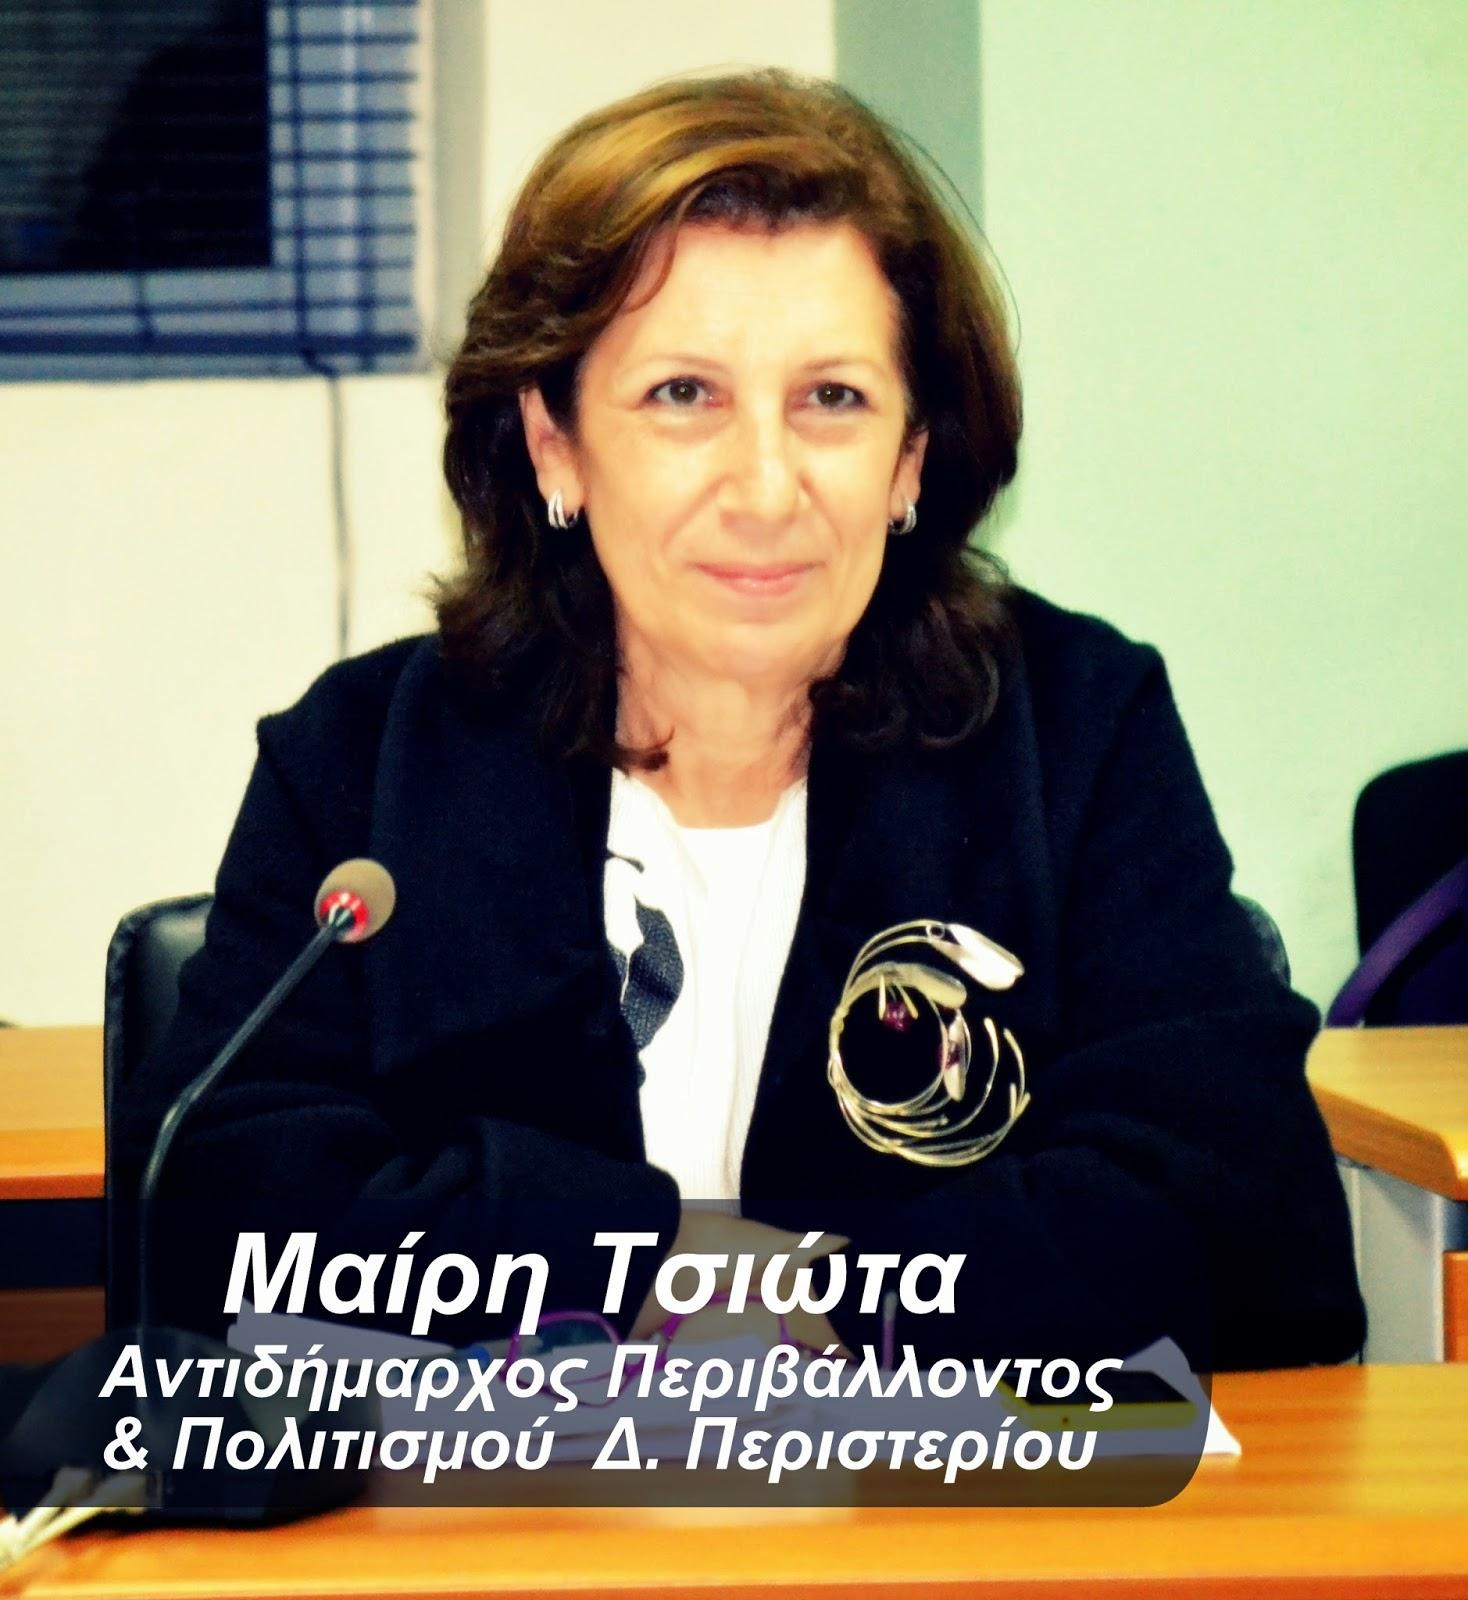 Ομιλίες από το Συμβουλευτικό Κέντρο Γυναικών του Δήμου Περιστερίου